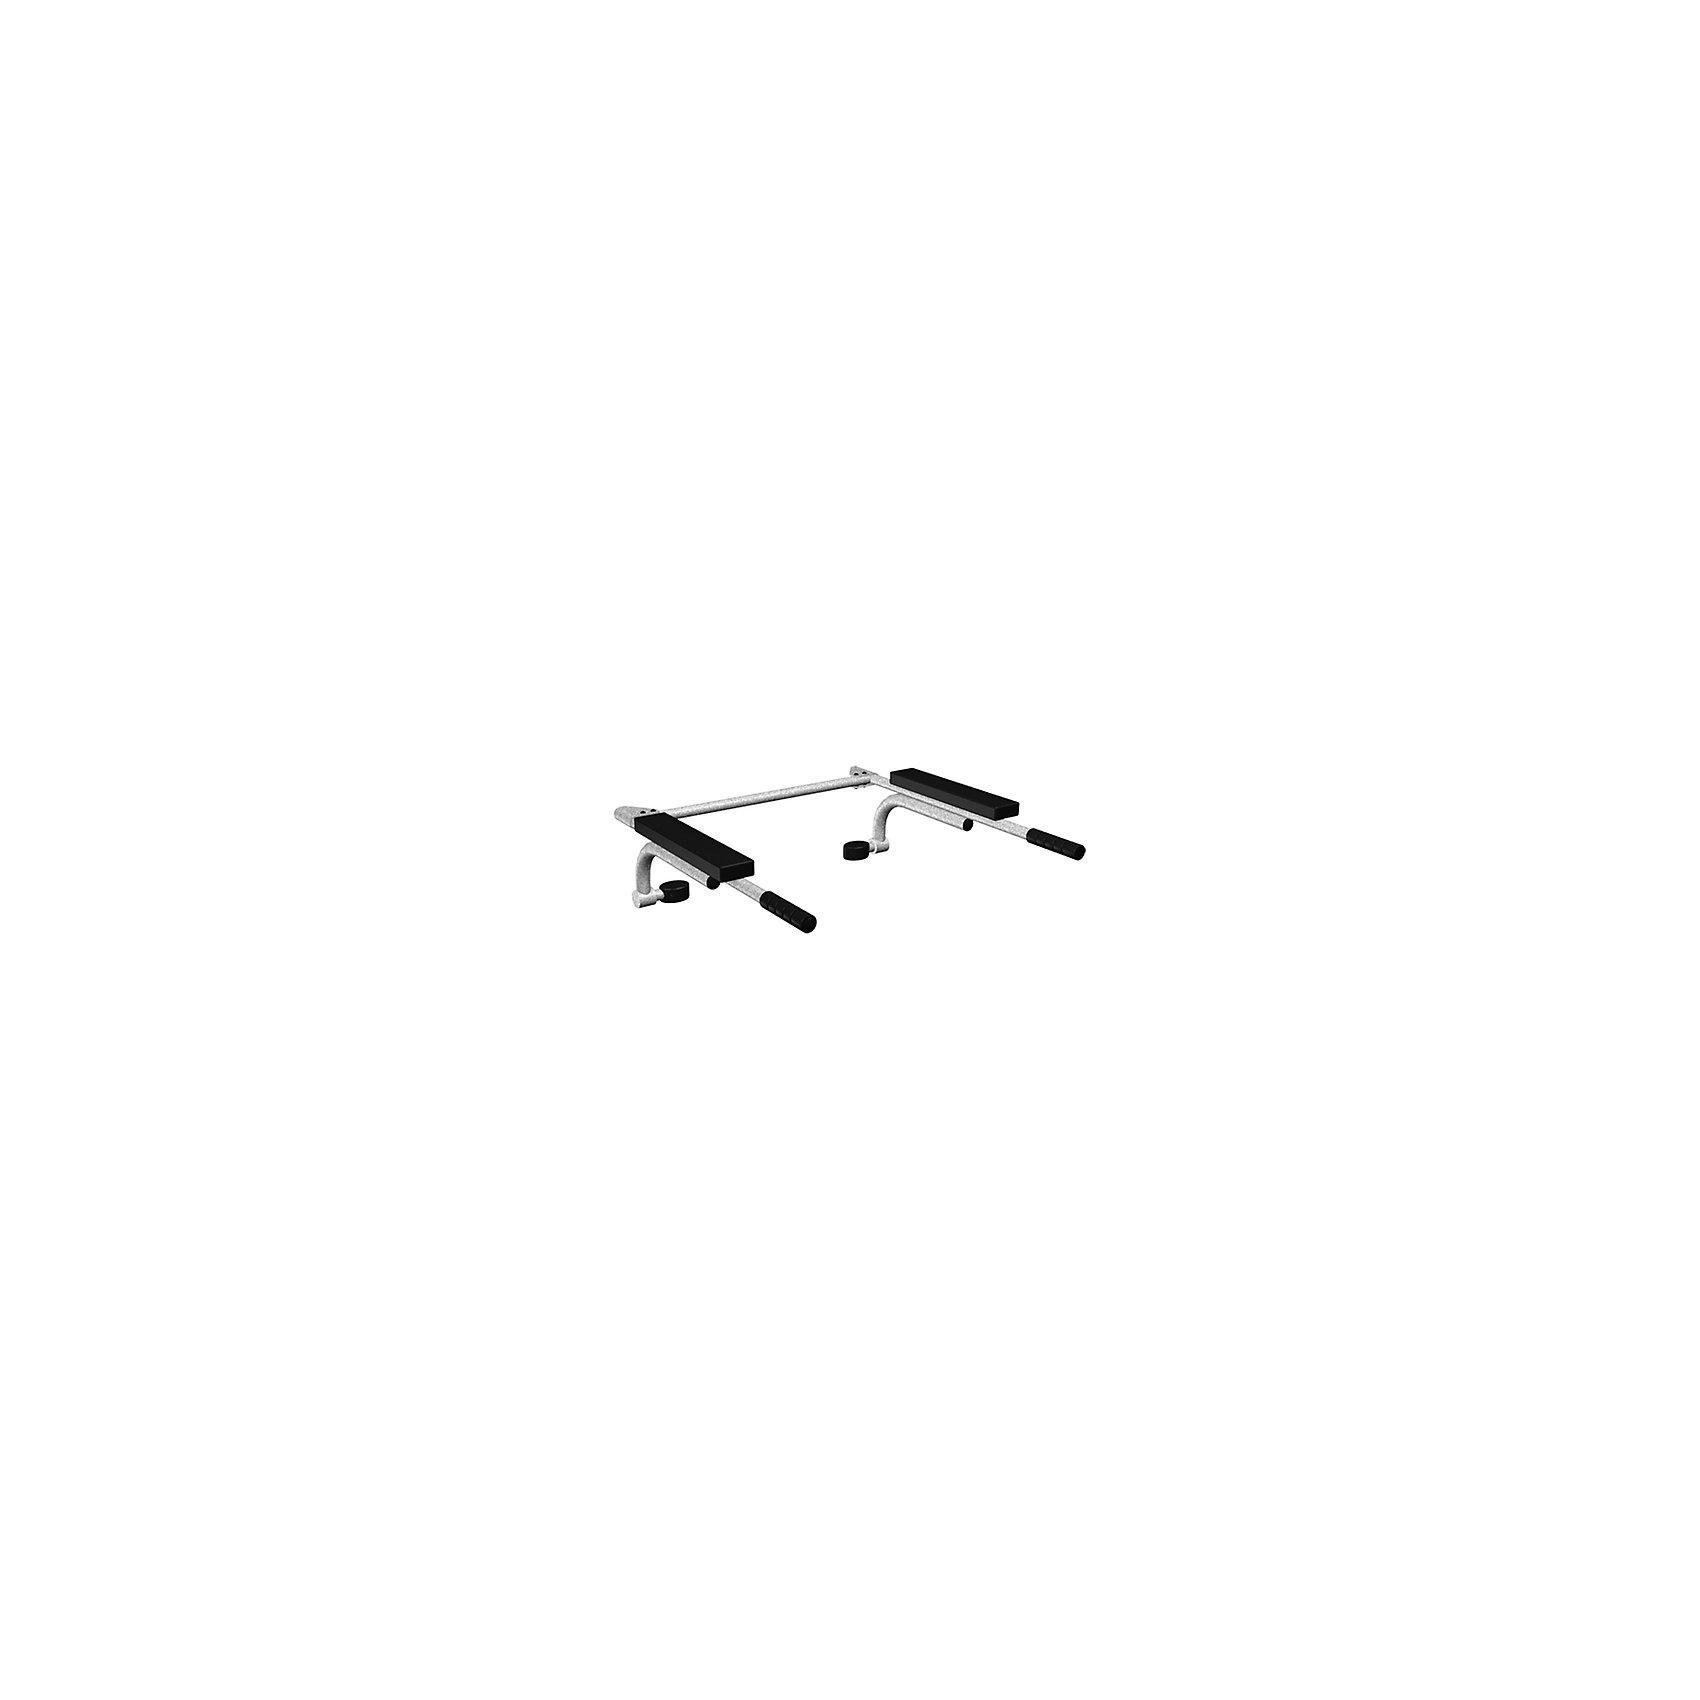 Брусья откидные (ширина 490 мм), ROMANAБрусья откидные (ширина 490 мм), ROMANA<br><br>Характеристики:<br><br>• Ширина: 49 см<br>• Материал: сталь, пластик<br>• Максимальная нагрузка: 100 кг<br><br>Откидные брусья послужат отличным дополнением к детскому спортивному комплексу. Благодаря крепким материалам и надежному креплению ребенок не получит травму и любые упражнения на брусьях будут полностью безопасными. Брусья подходят к другим модулям из этой серии. Такой элемент спортивного комплекса развивает несколько групп мышц. Можно крепить сверху или на уровне середины спины. Ручки можно поднять и зафиксировать на шведской стенке.<br><br>Брусья откидные (ширина 490 мм), ROMANA можно купить в нашем интернет-магазине.<br><br>Ширина мм: 900<br>Глубина мм: 240<br>Высота мм: 50<br>Вес г: 8000<br>Возраст от месяцев: 36<br>Возраст до месяцев: 192<br>Пол: Унисекс<br>Возраст: Детский<br>SKU: 4993392